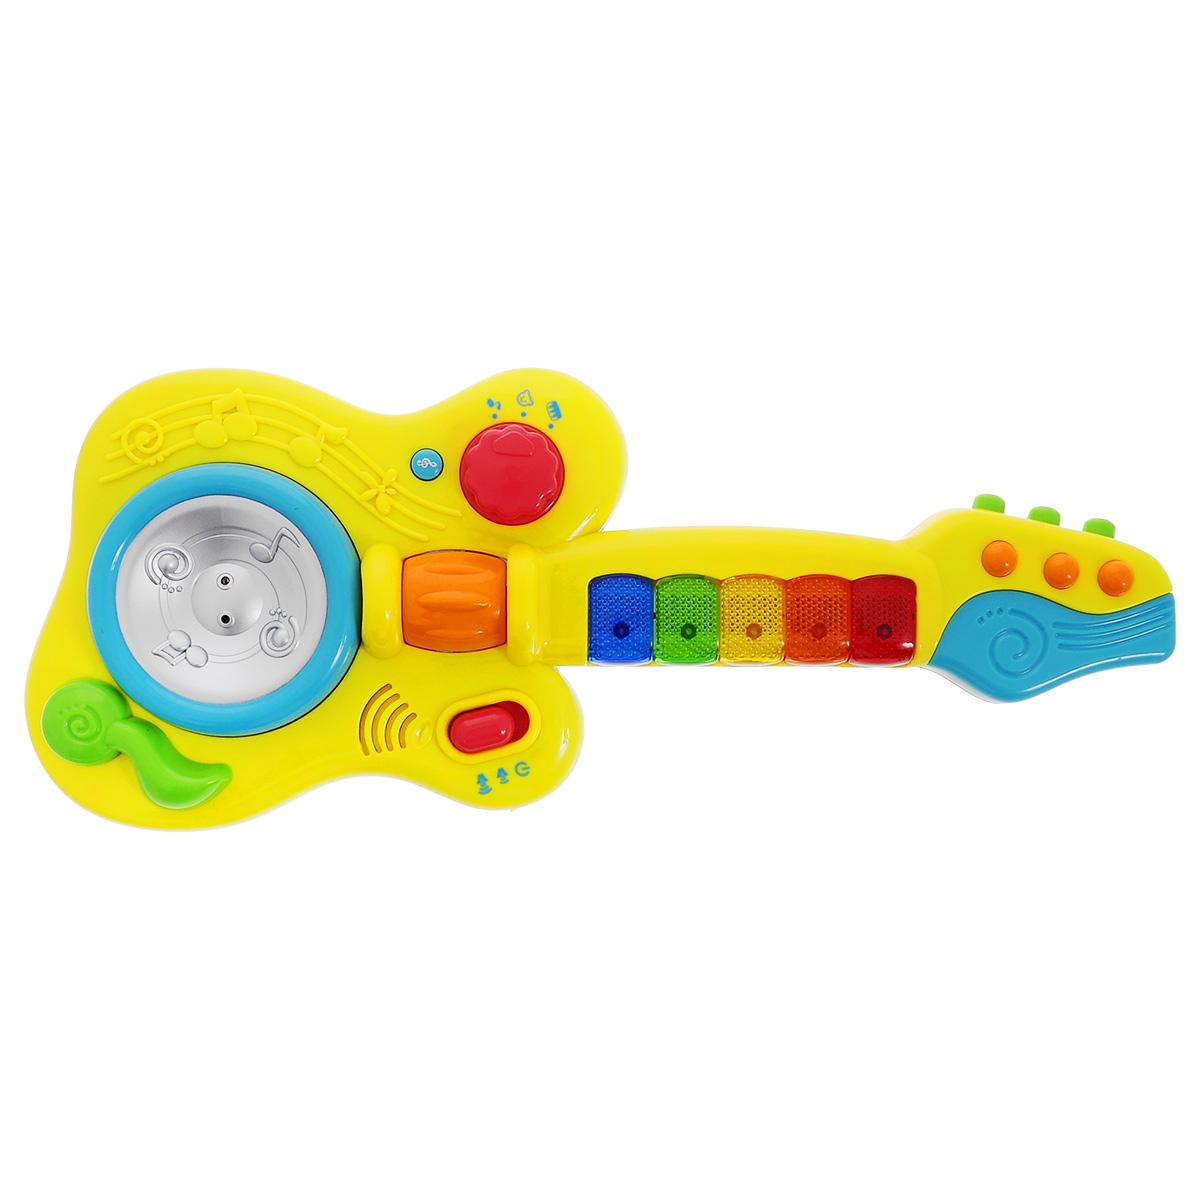 Развивающая игрушка Малышарики ГитараMSH0303-029Развивающая игрушка Малышарики Гитара изготовлена в ярком дизайне и из безопасных материалов. Игрушка выполнена в виде гитары, которая воспроизводит звуки животных и музыкальных инструментов. Гитара работает в трех режимах. Развивающая игрушка Гитара поможет малышу ближе познакомиться с миром звуков, а также развить мелкую моторику, слуховое восприятие и логическое мышление. Рекомендуемый возраст: 1-3 года. Для работы игрушки необходимы 3 батарейки напряжением 1,5V типа АА (не входят в комплект).